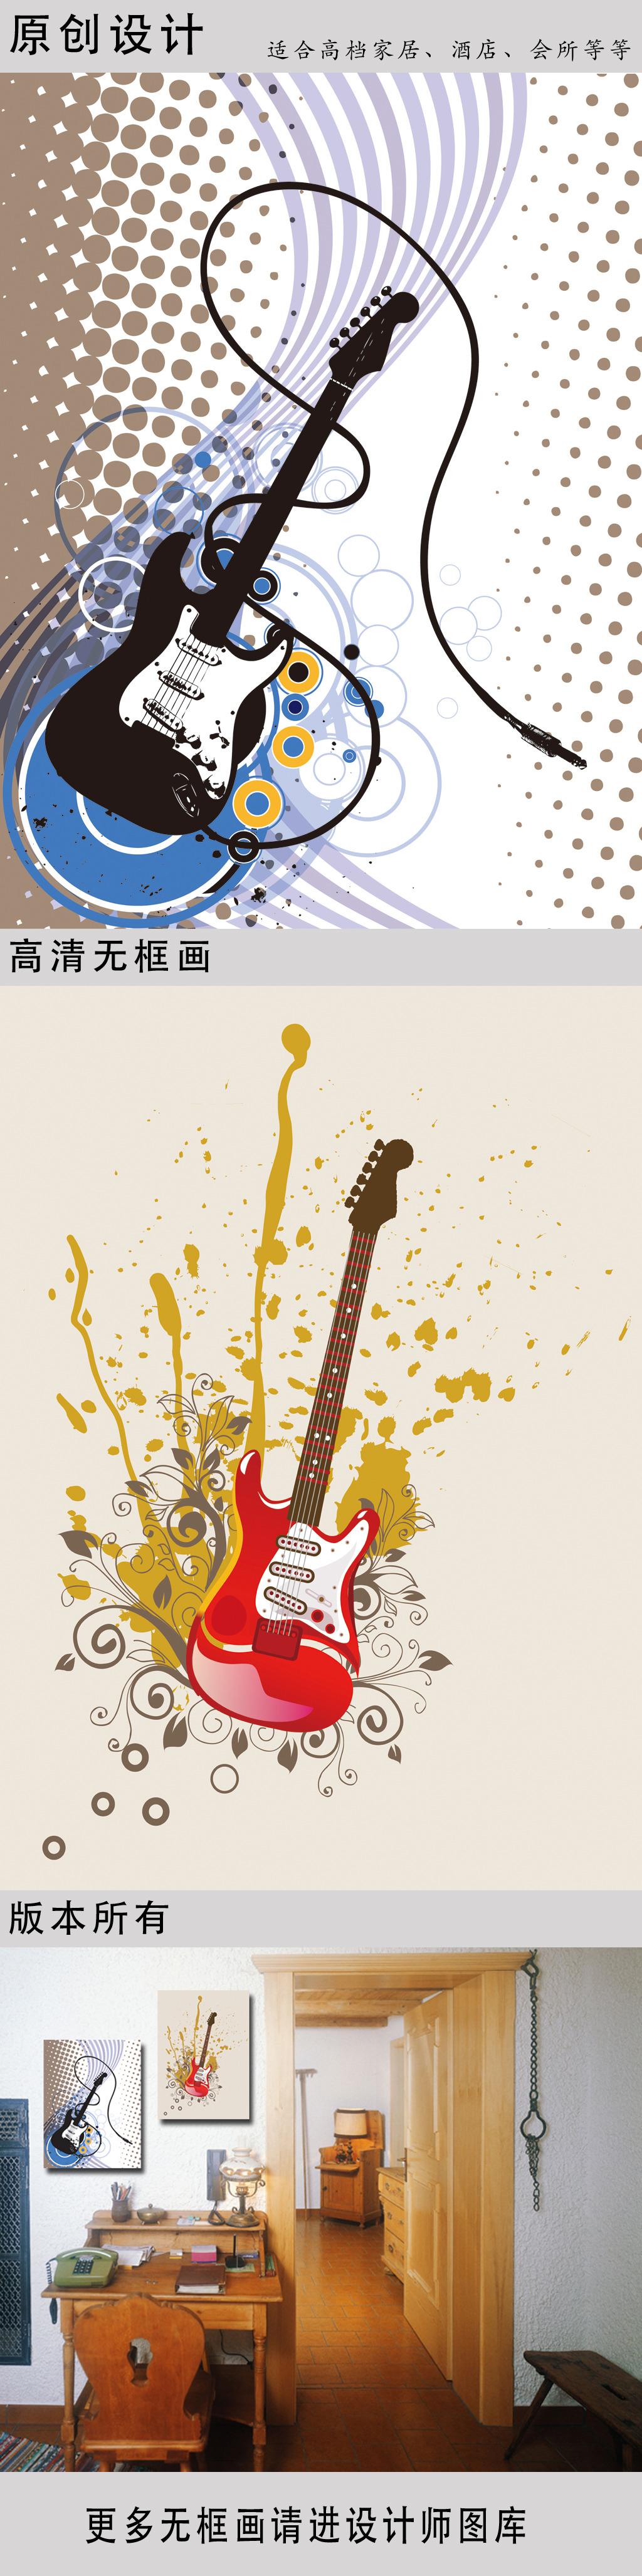 装饰画手绘吉他风格无框画